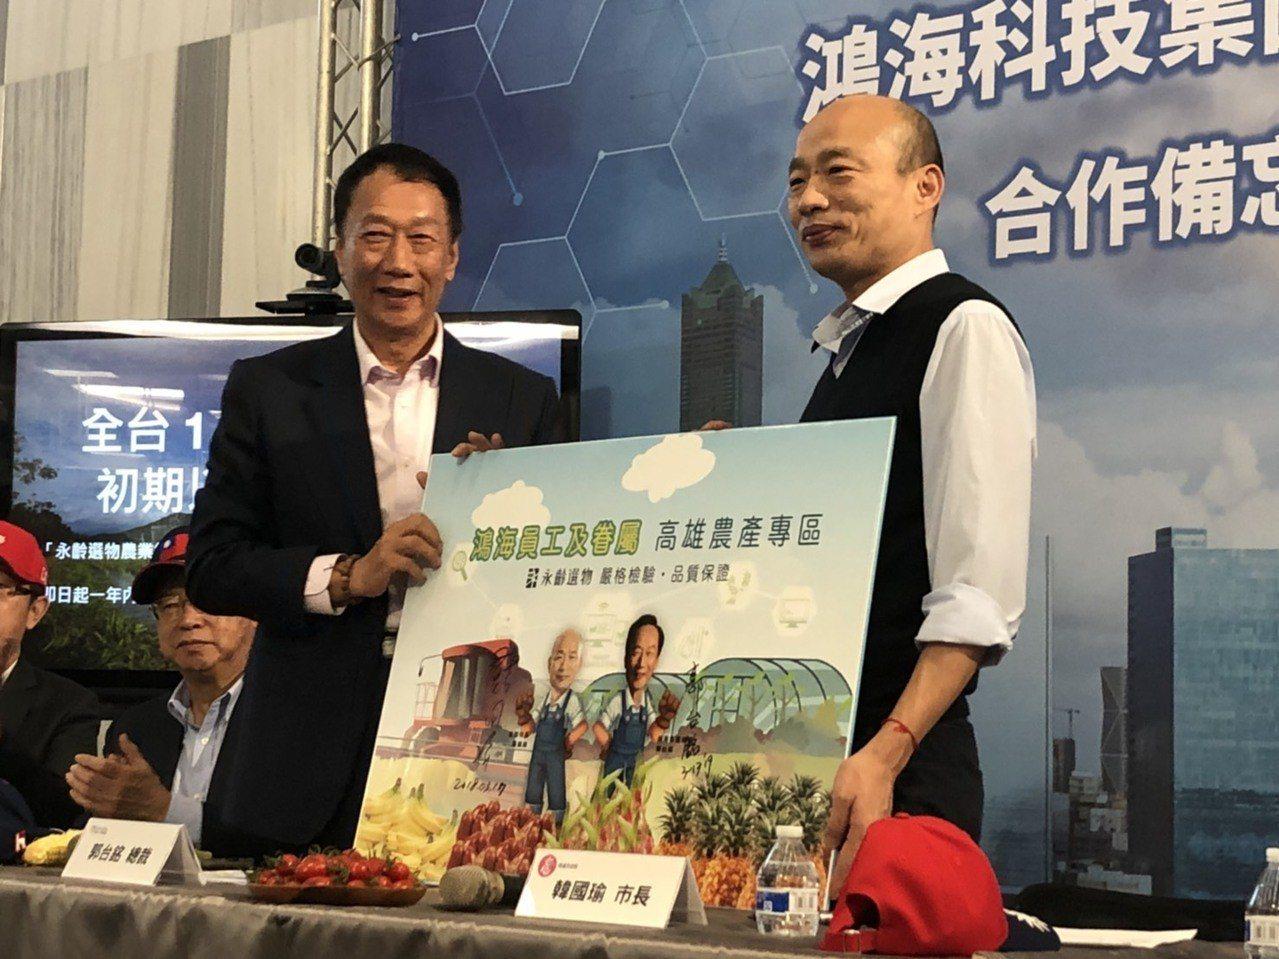 鴻海集團總裁郭台銘昨日與高雄市長韓國瑜簽訂「AI高雄、智慧農工」計劃。 記者林政...